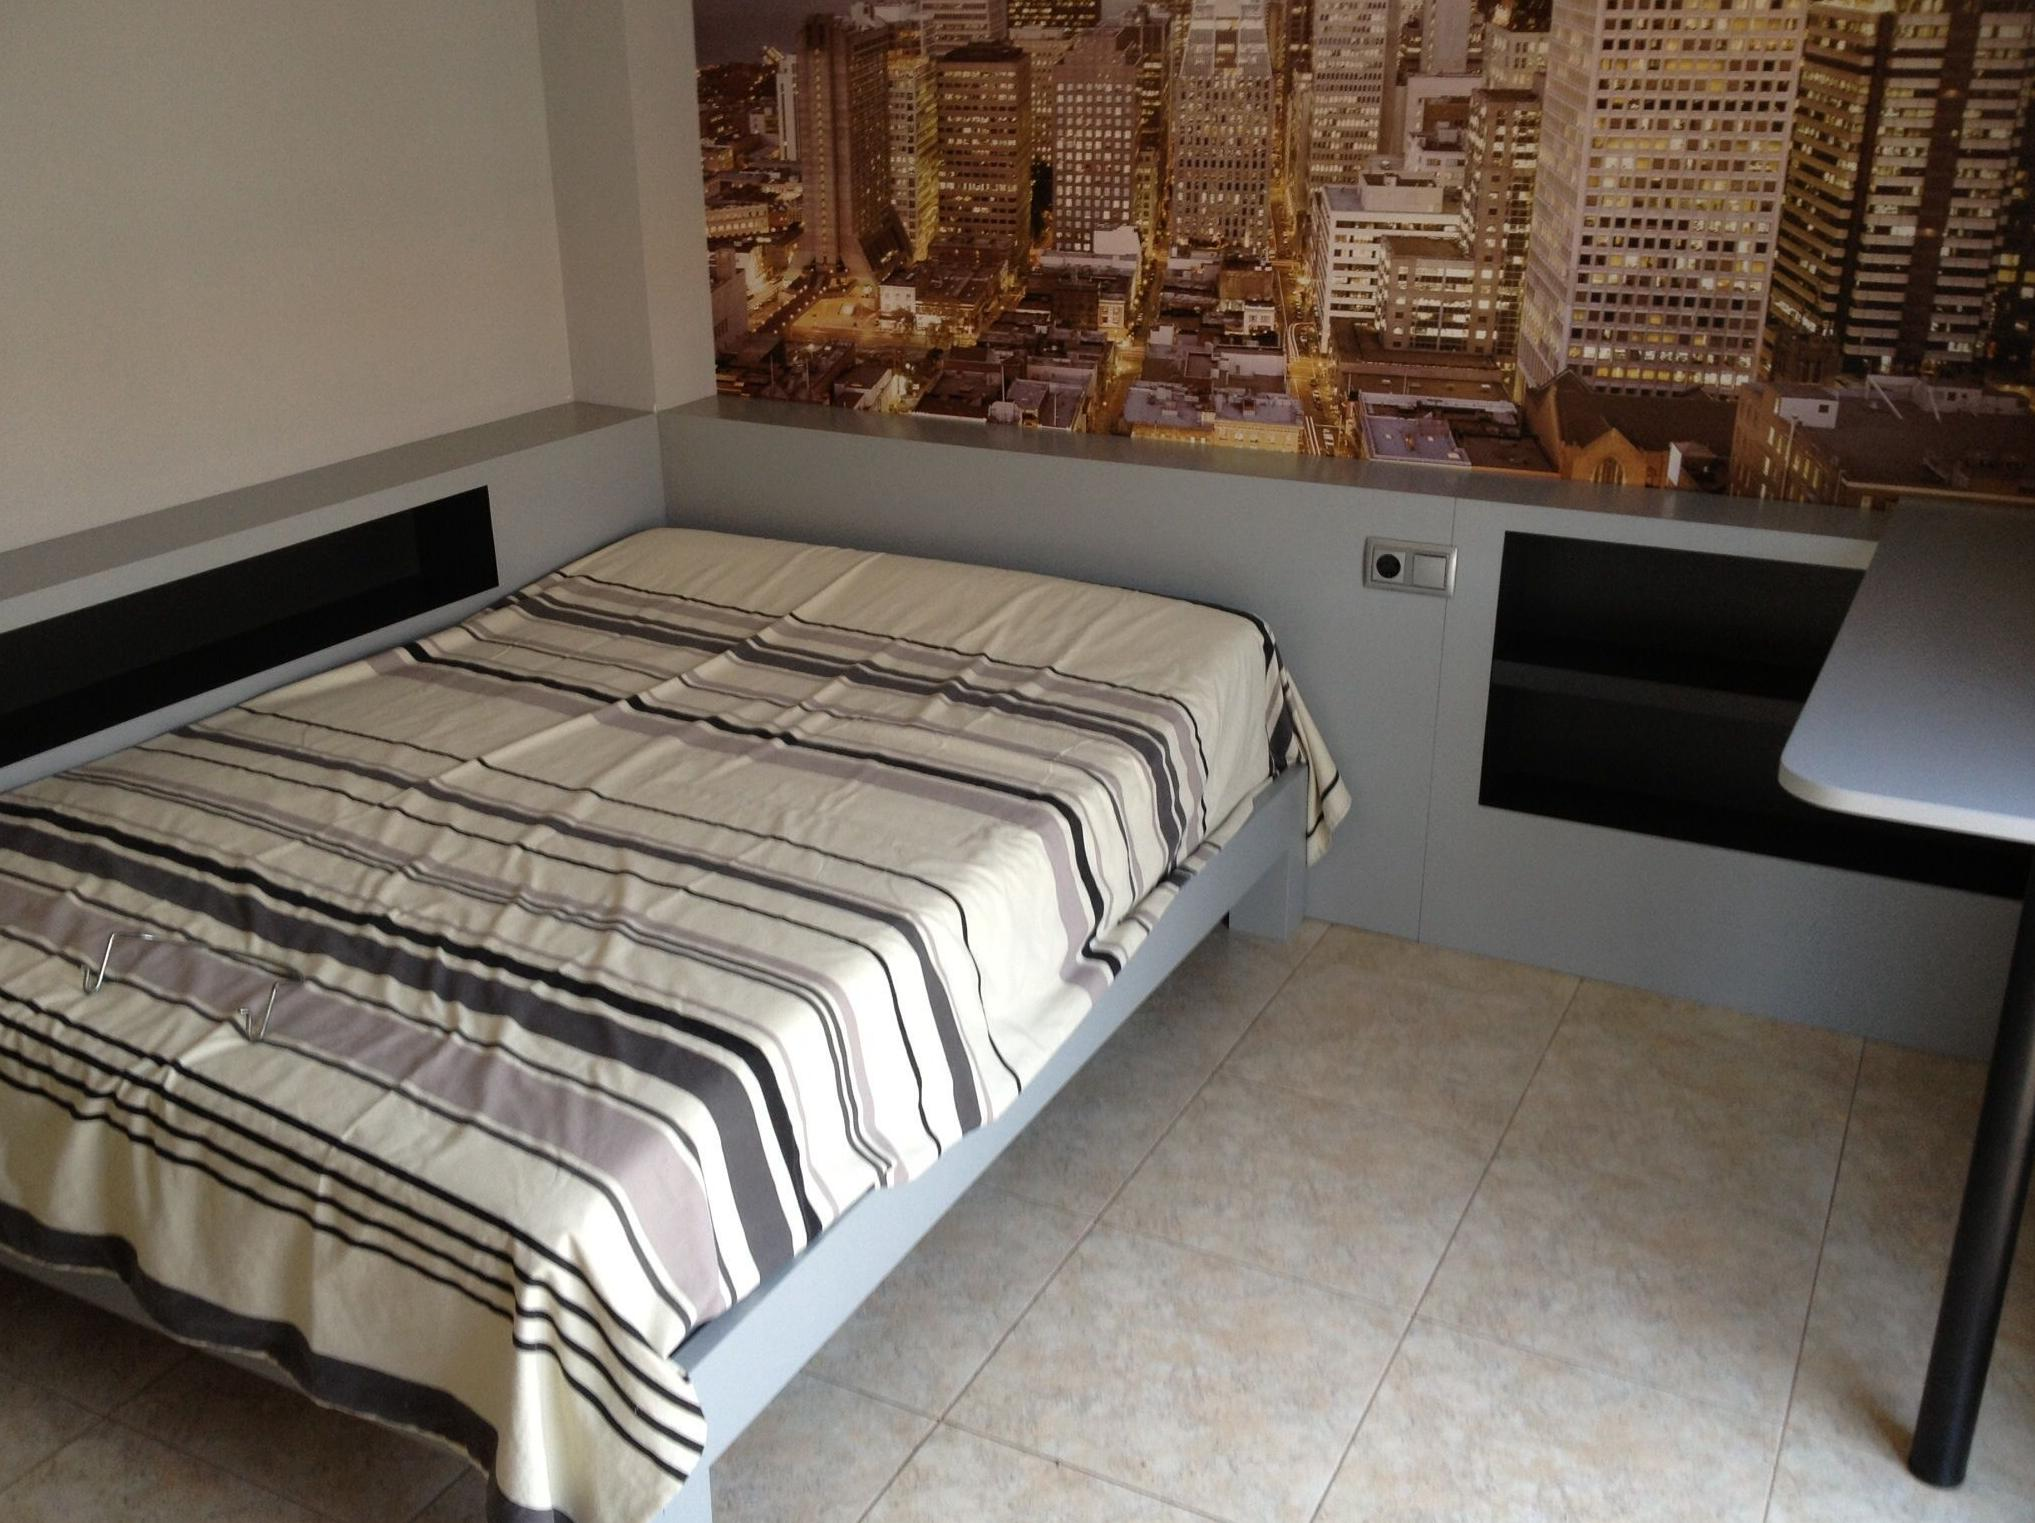 Dormitorios personalizados / dormitoris a mida